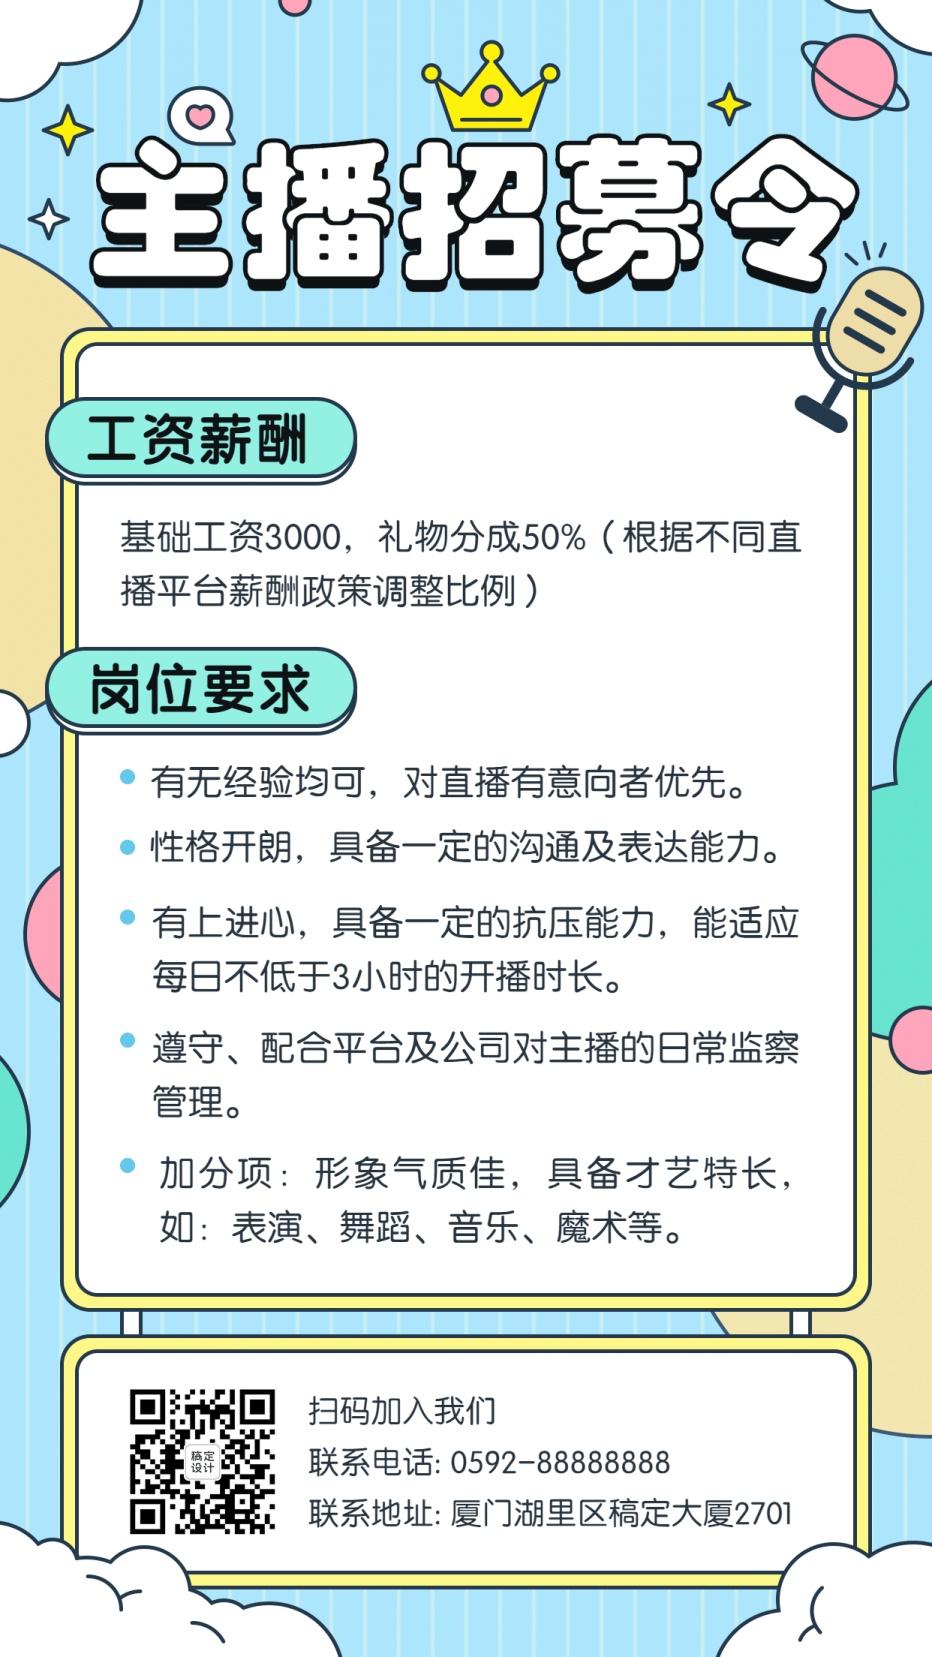 清新简约卡通演艺主播招募通告海报